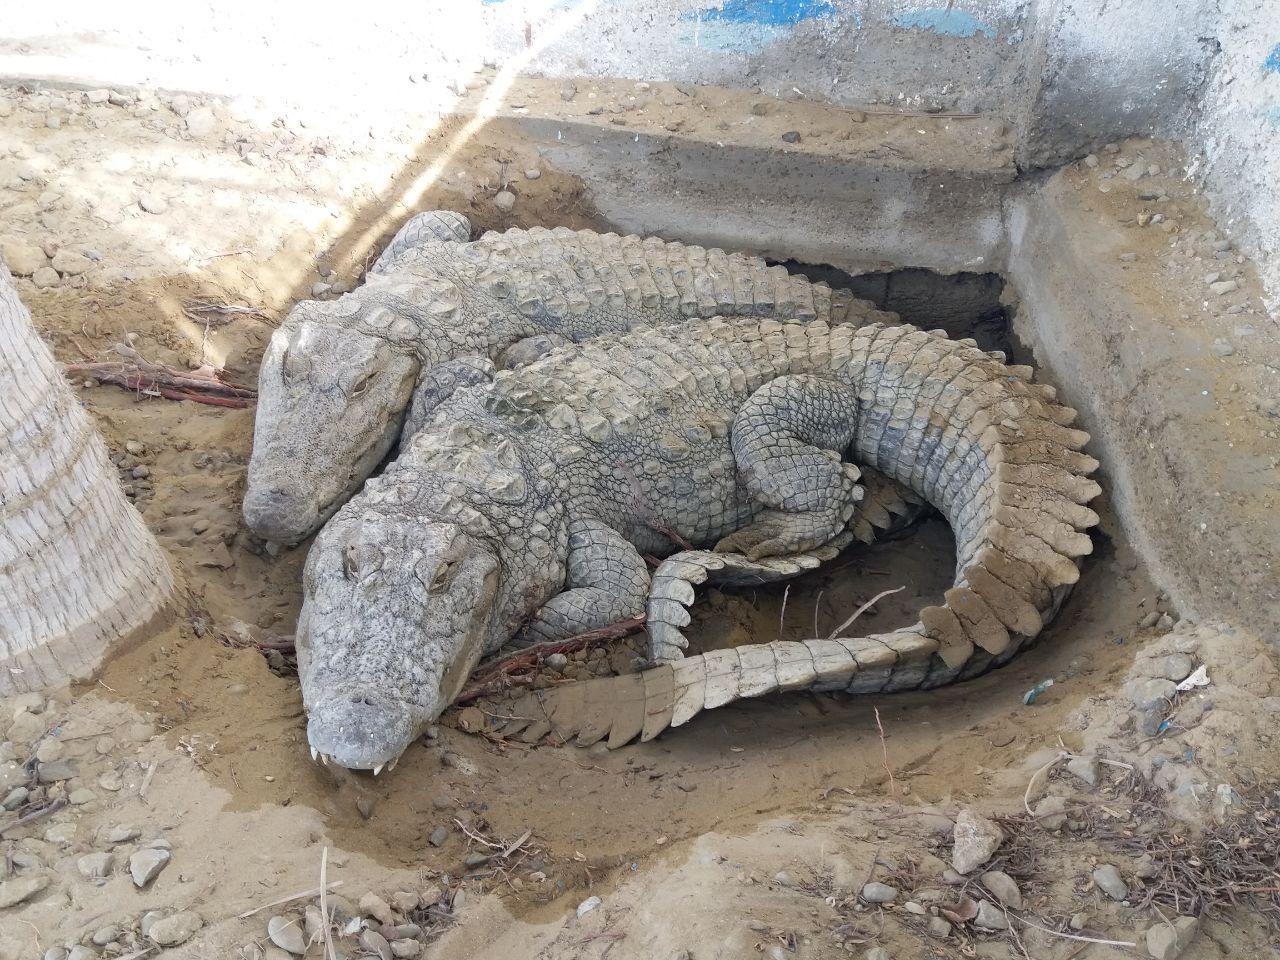 ایستگاه تحقیقاتی ریکوکش، محل پرورش تمساح پوزه کوتاه ایرانی(گاندو)